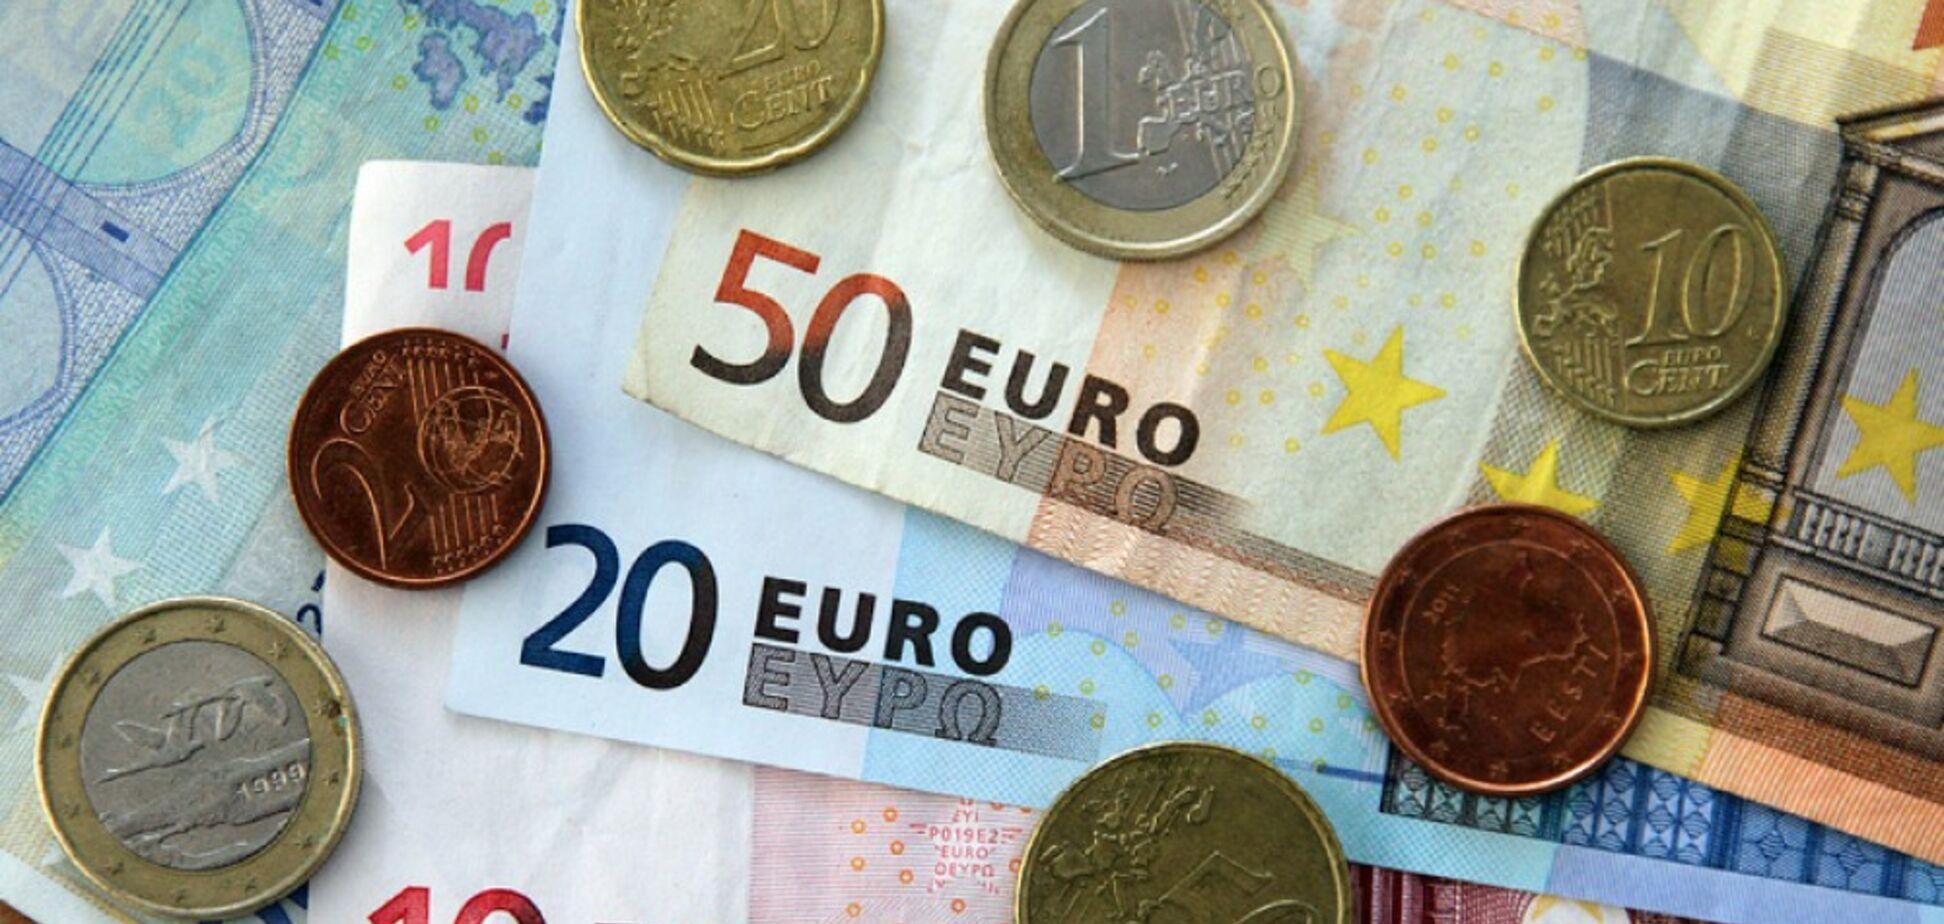 Банкір розкрив причину стрімкого подорожчання євро